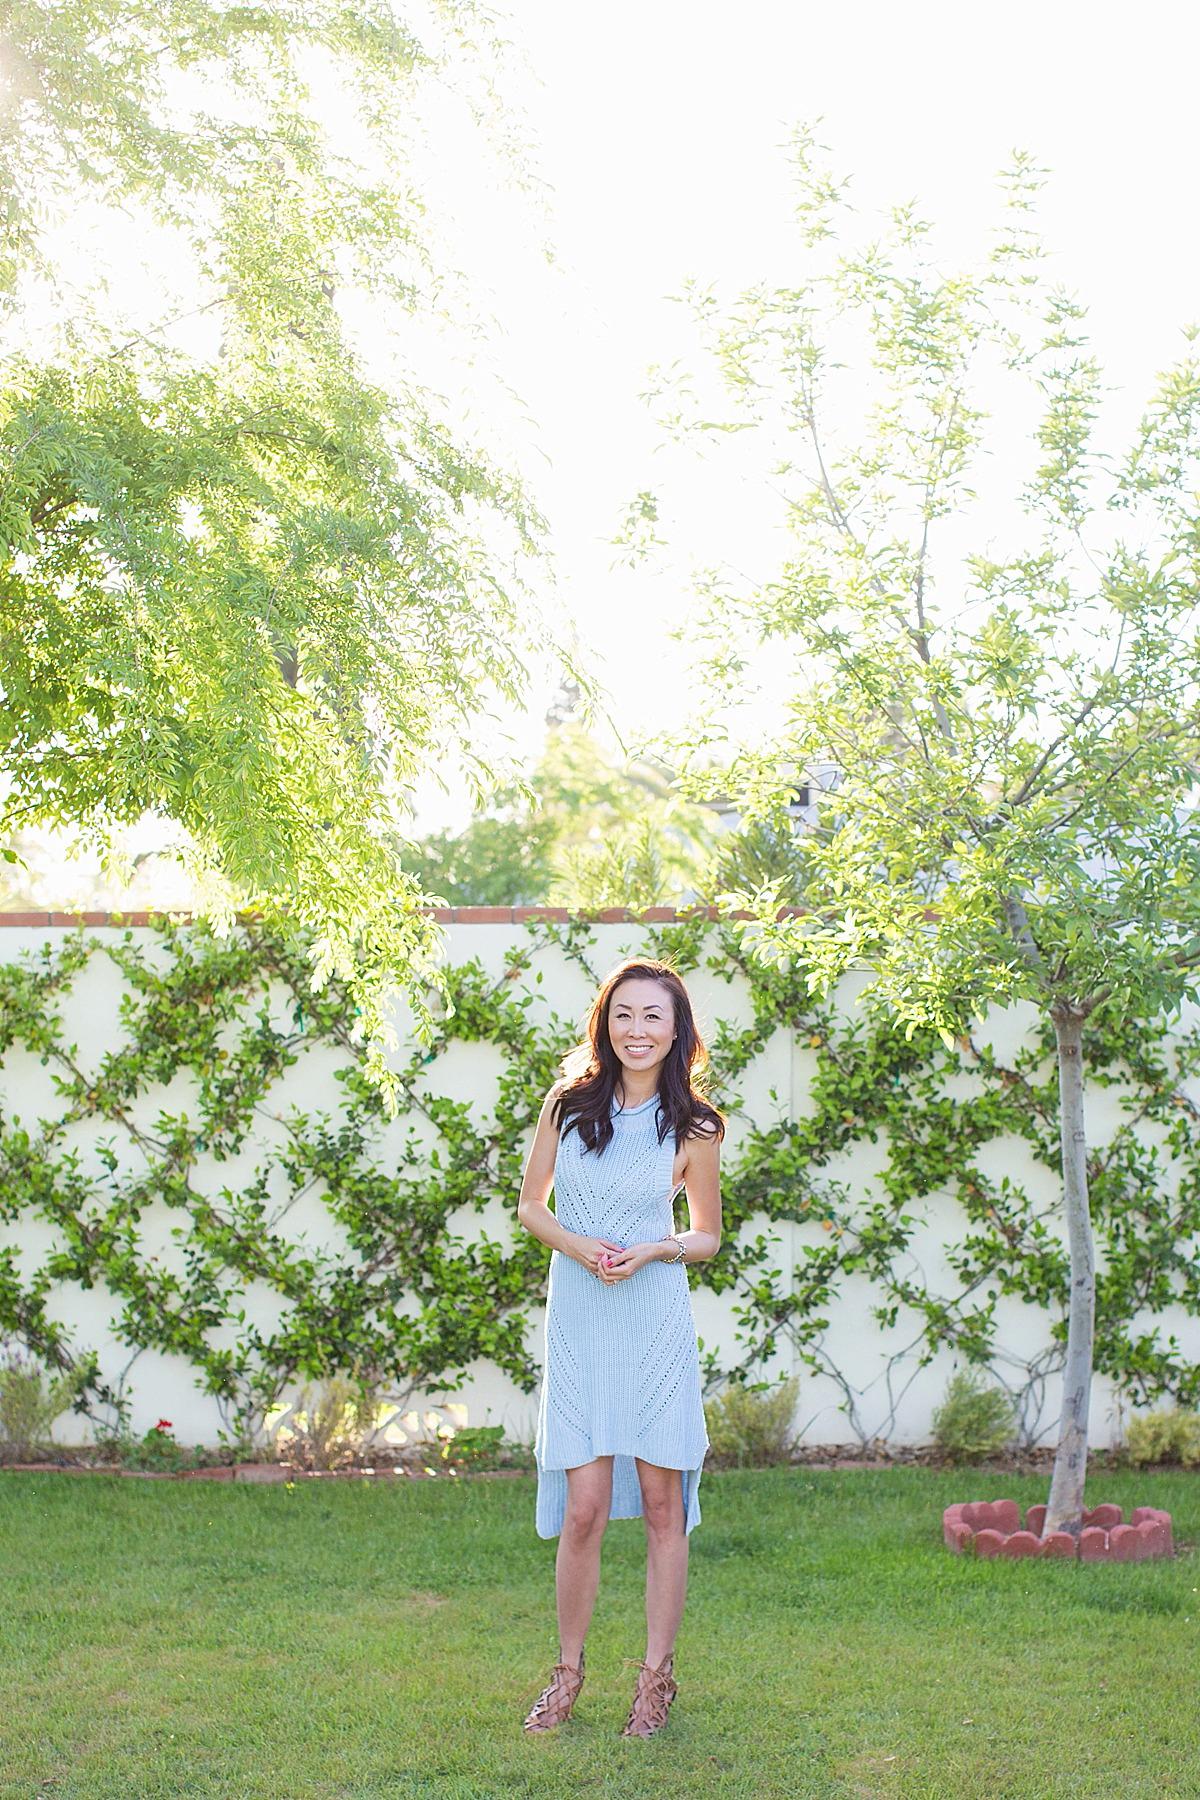 Diana-Elizabeth-blog-lifestsyle-somedays-lovin_0035